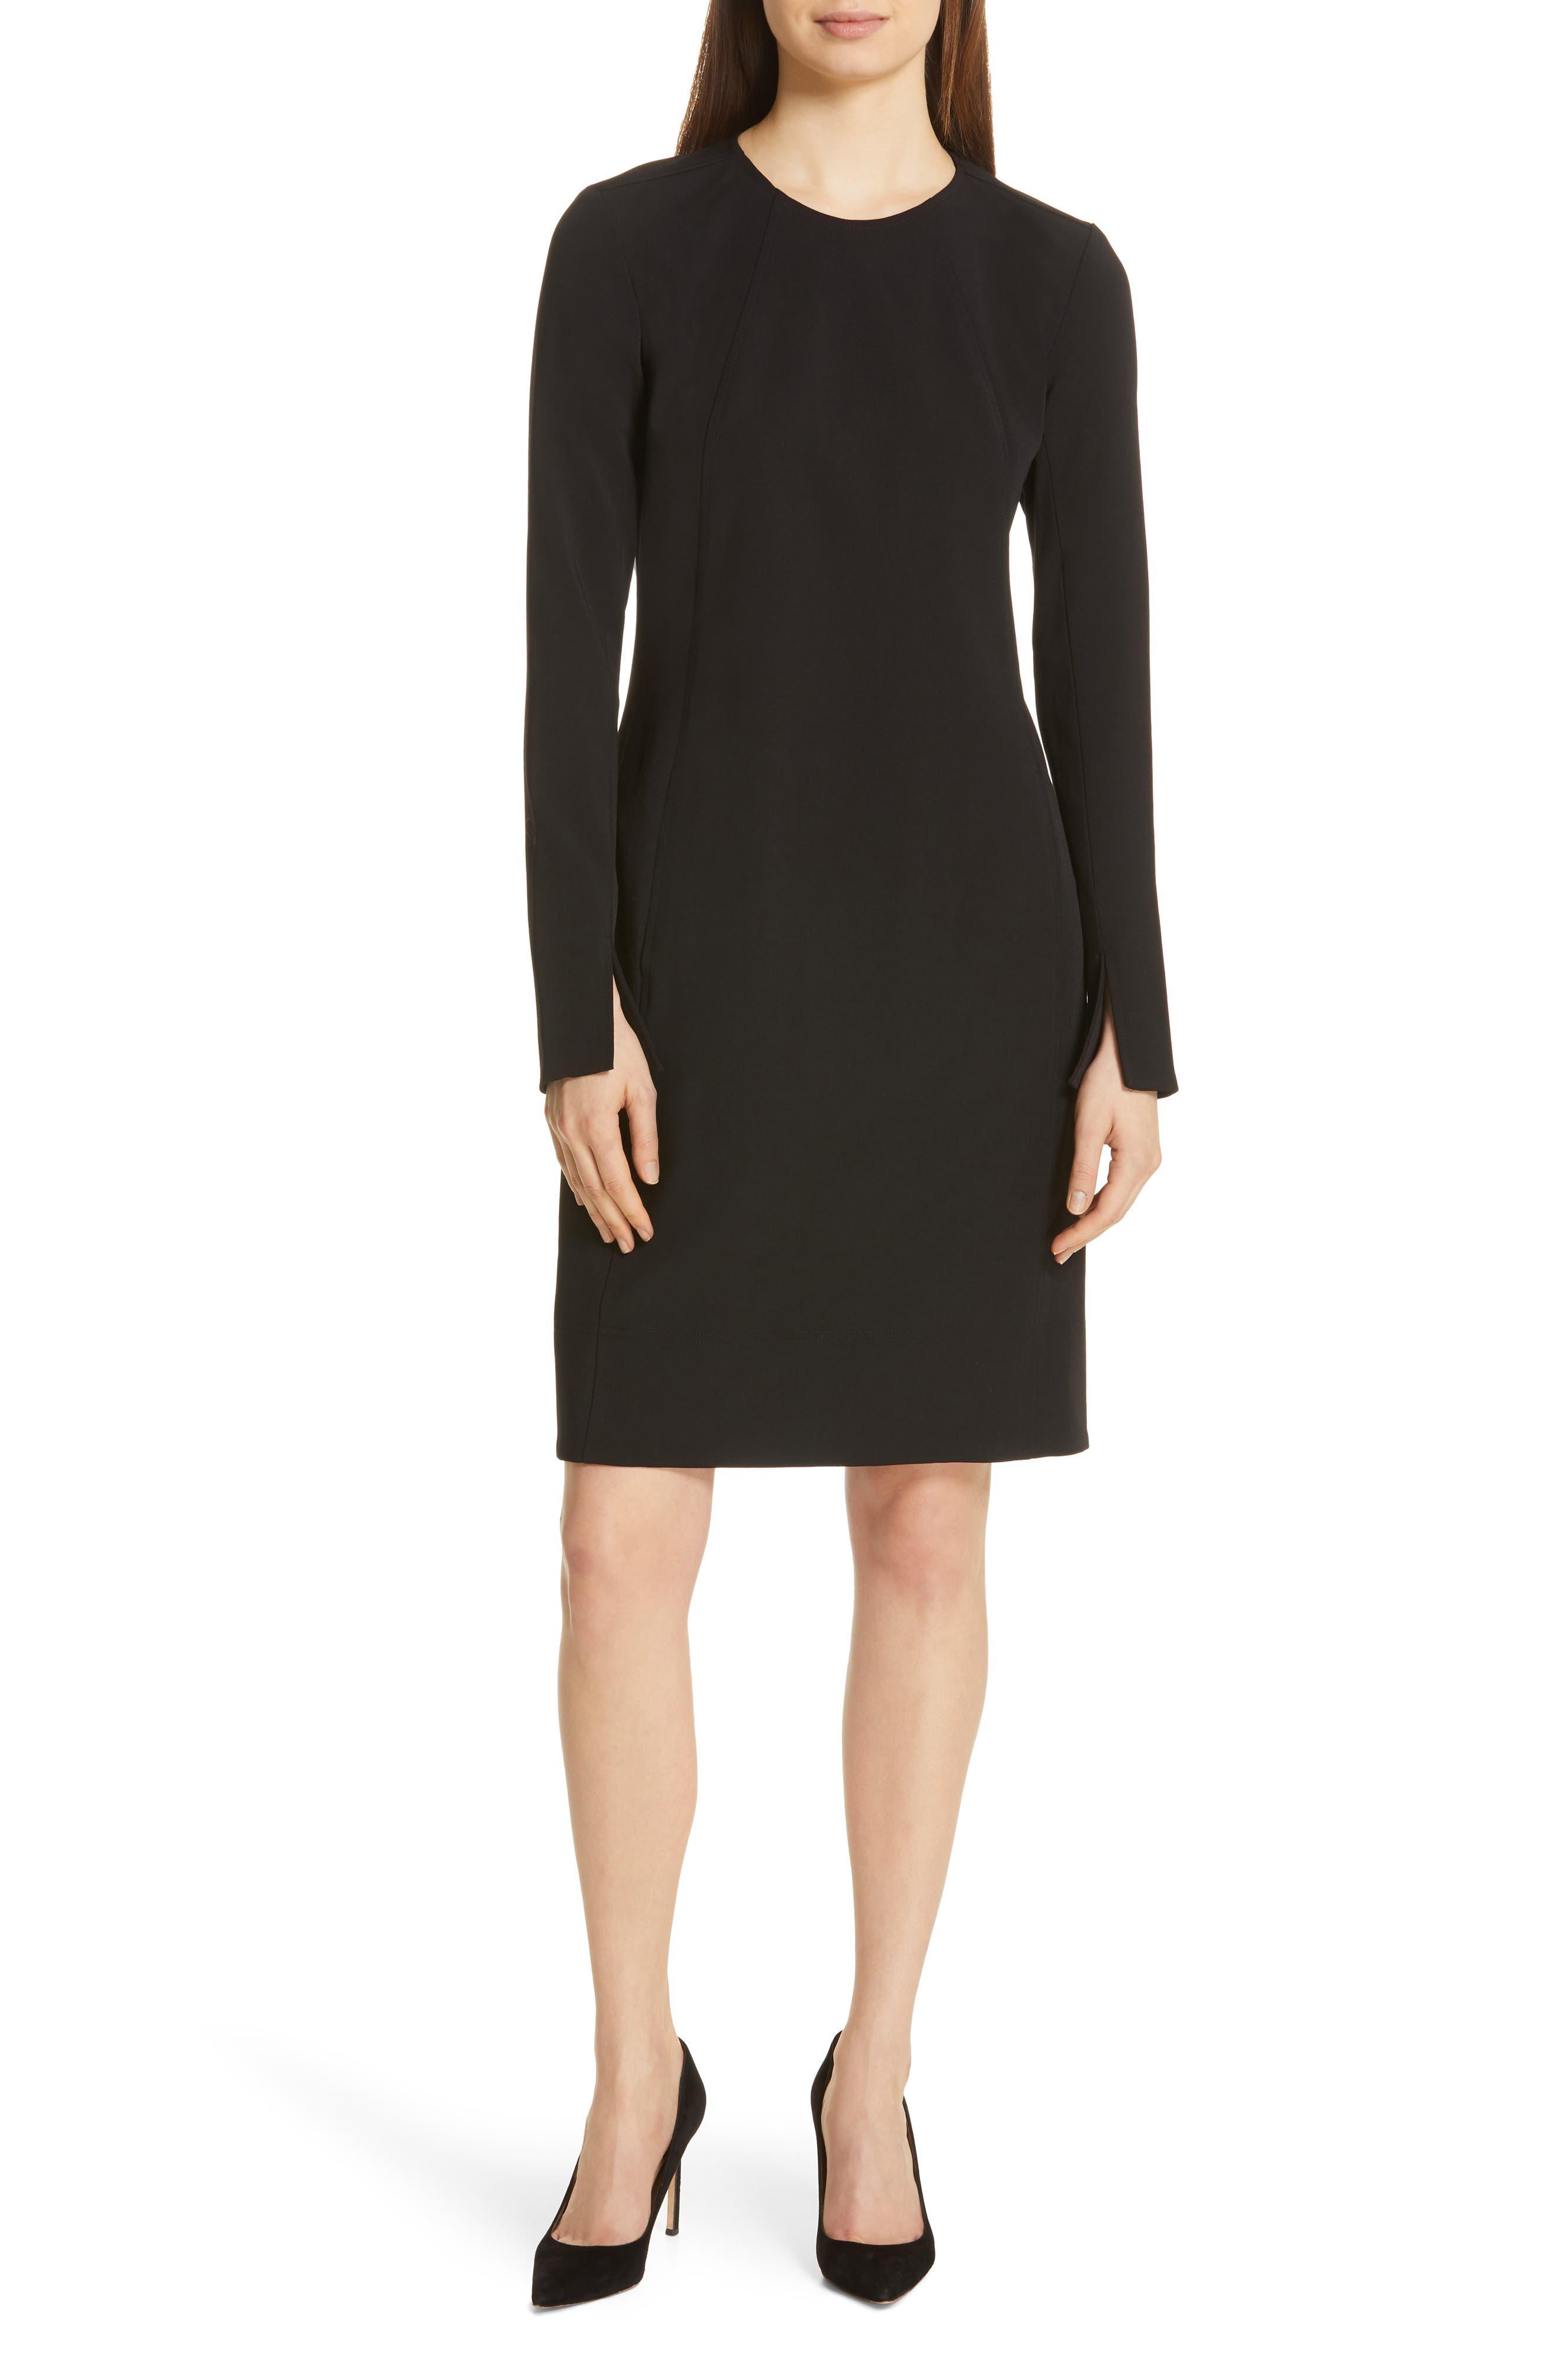 Polo Ralph Lauren A-Line Dress, Black